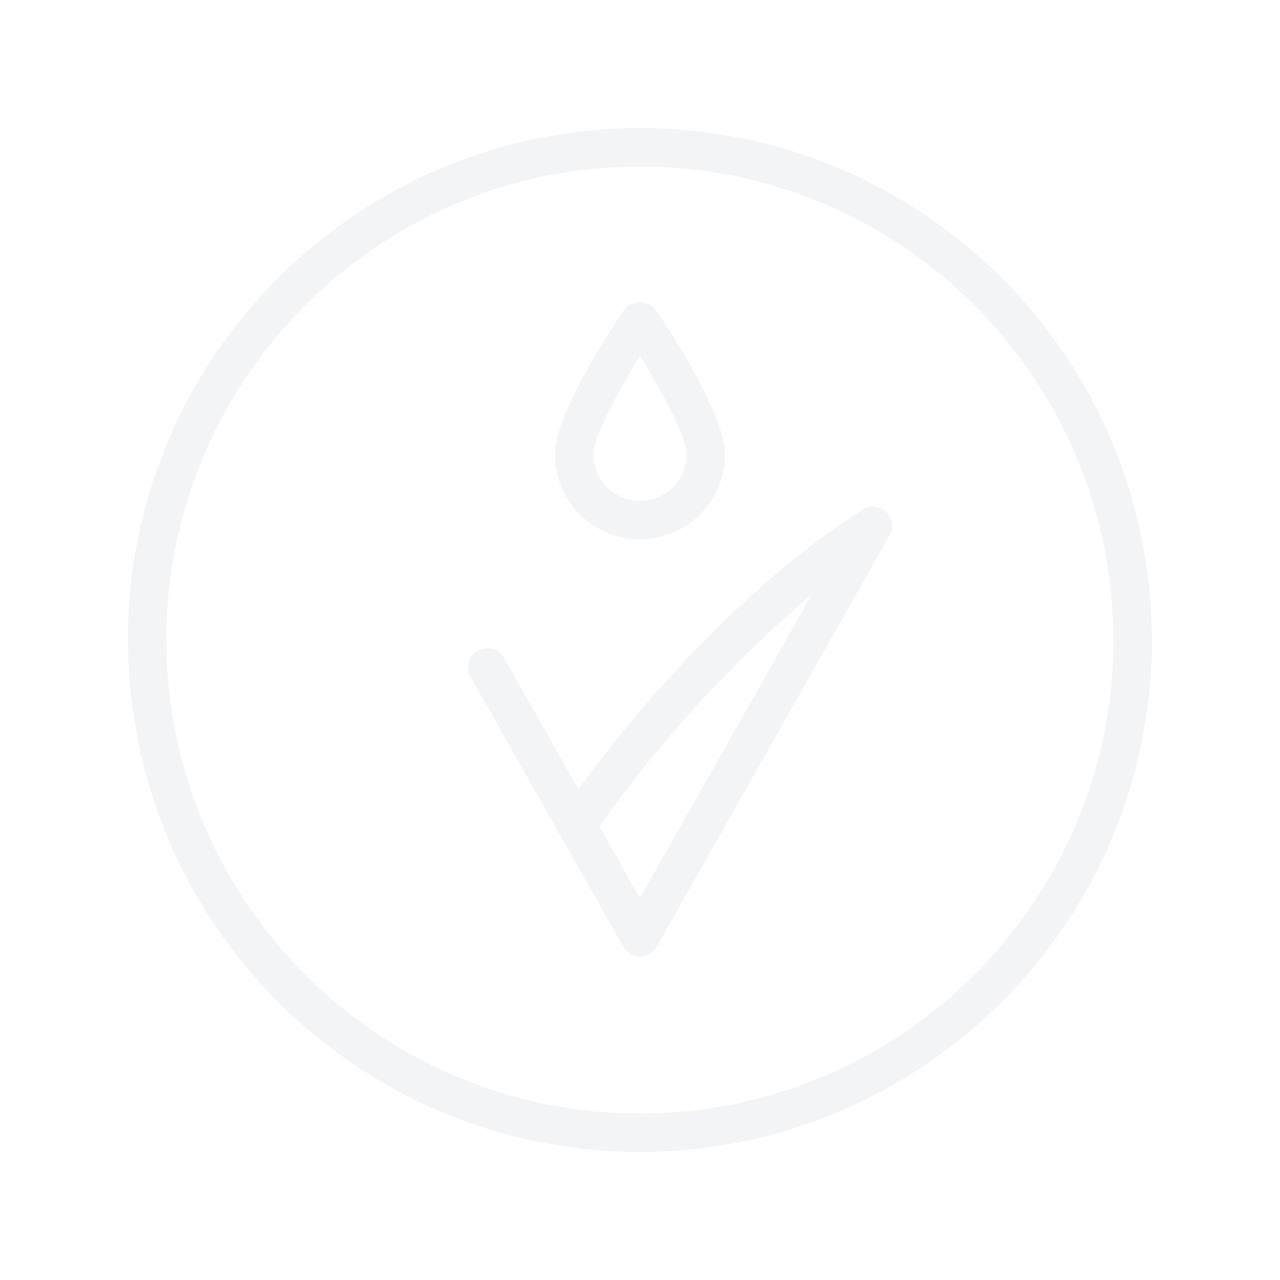 LÖWENGRIP Purify My Skin Face Scrub 75ml